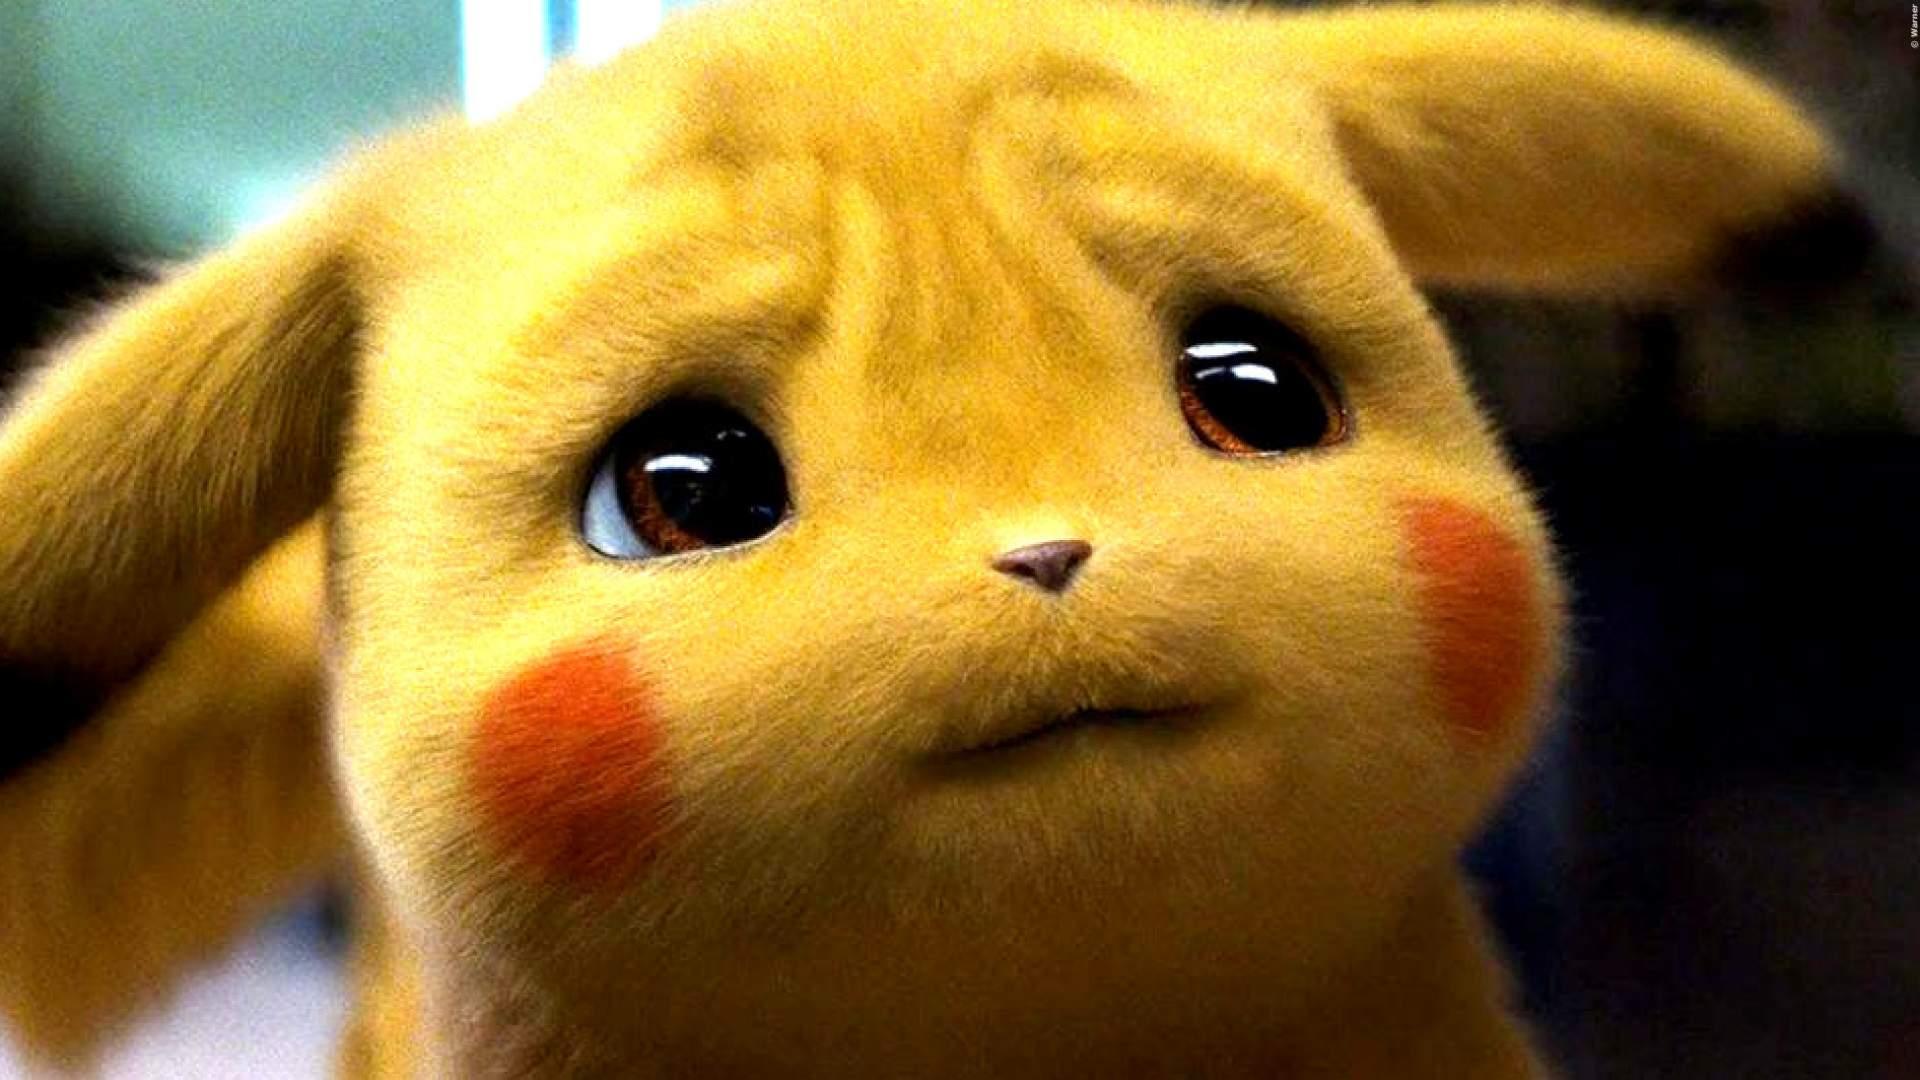 FAIL: Kino zeigt Horrorfilm statt 'Meisterdetektiv Pikachu' - Kinder geschockt